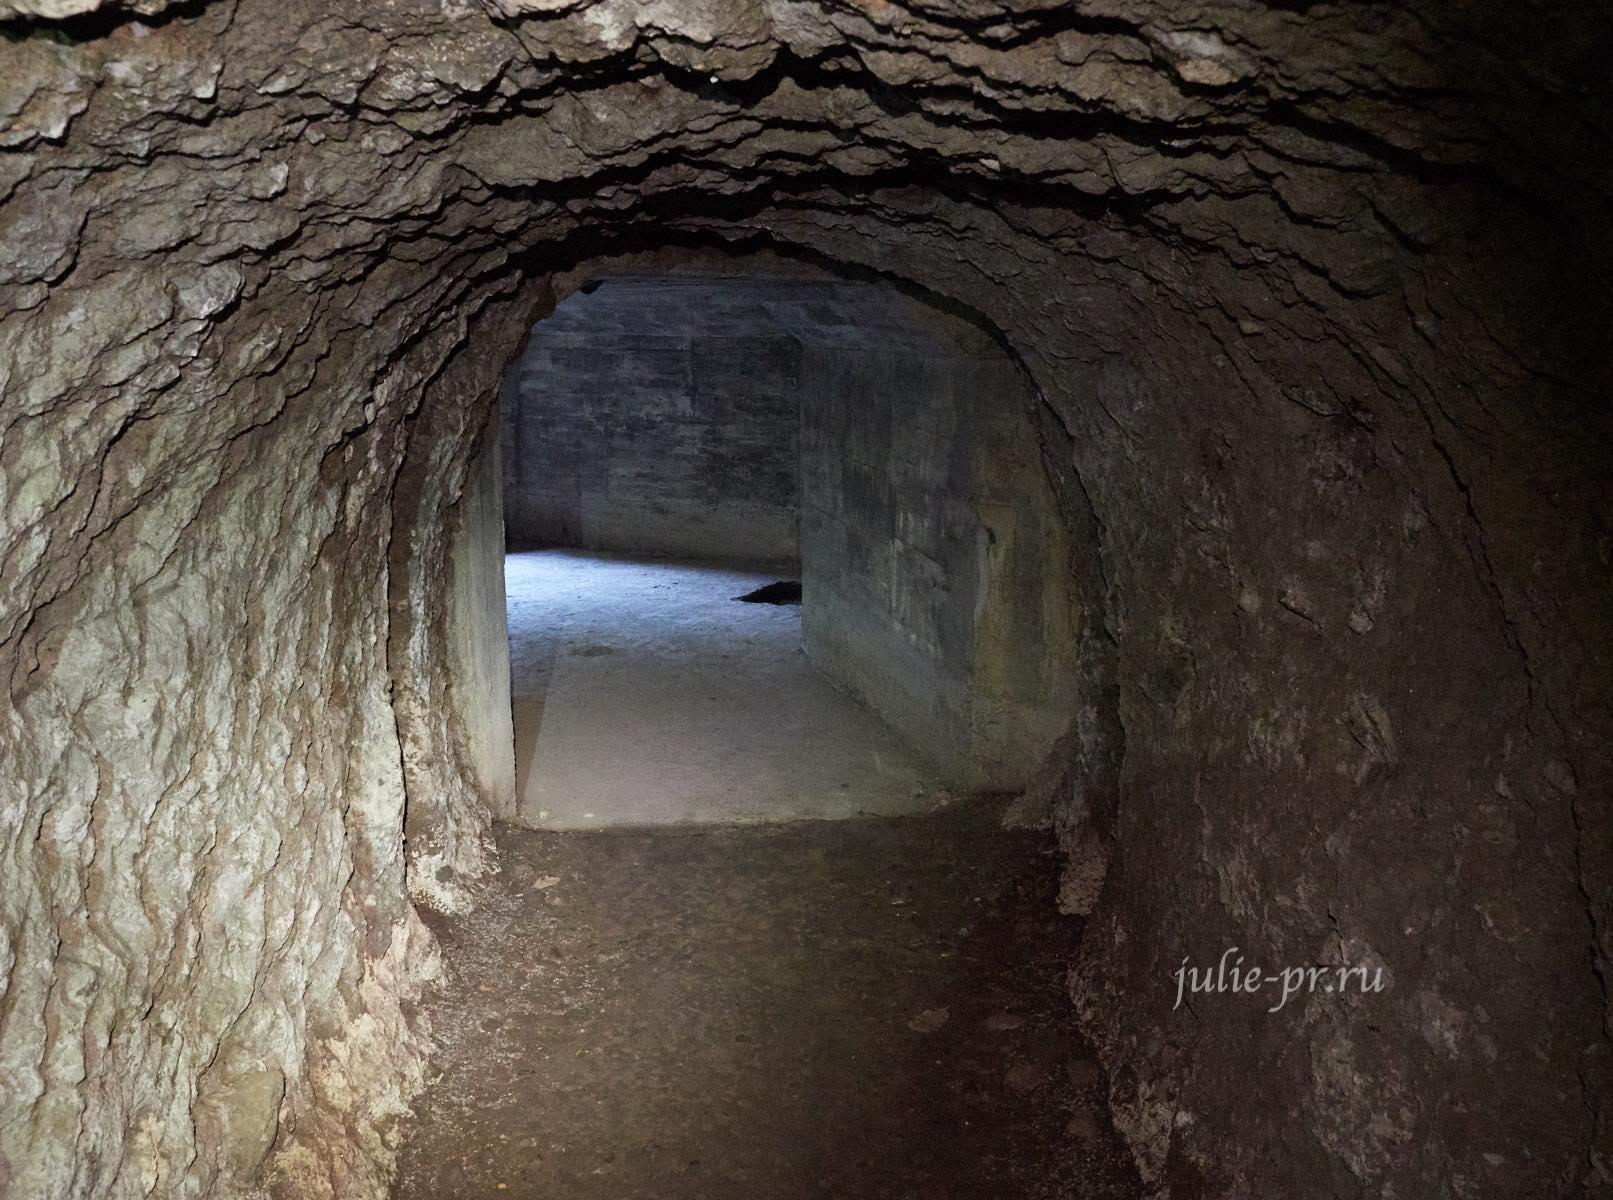 Филиппины, острова Батанес, Японский туннель